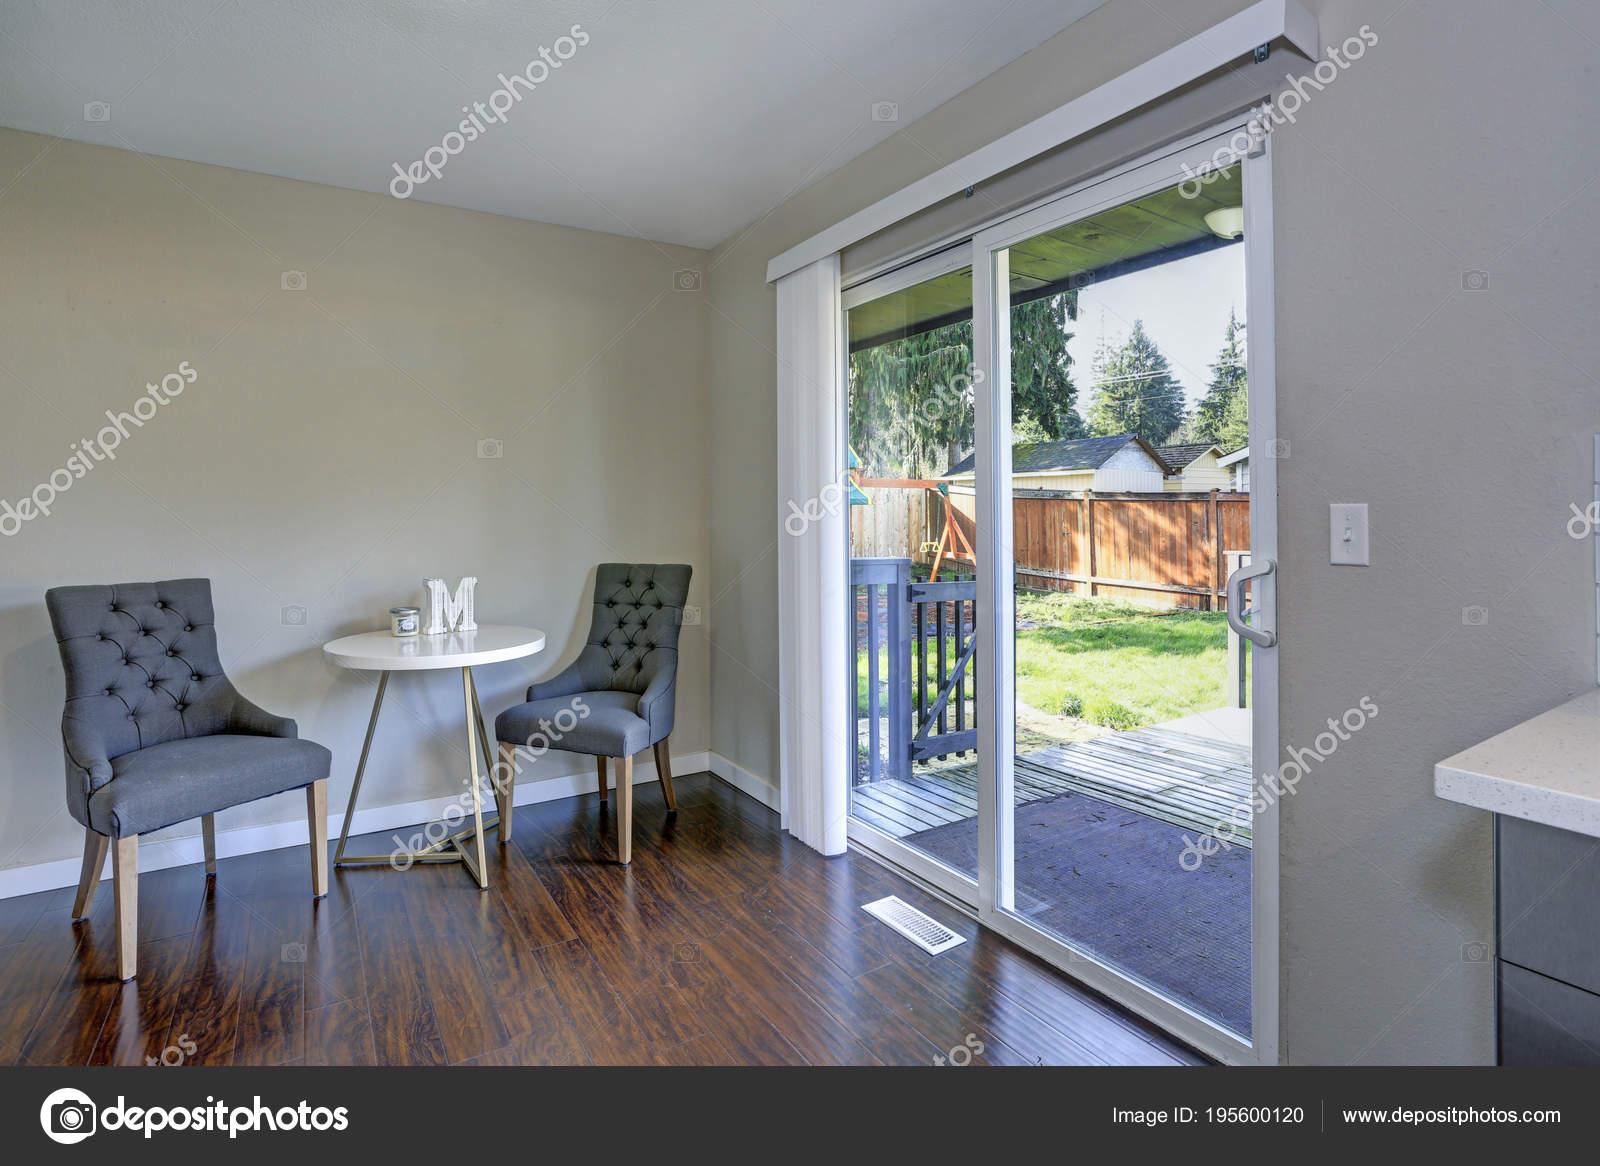 Fußboden Terrasse ~ Essecke mit poliertem hartholz fußboden und ausgang zur terrasse